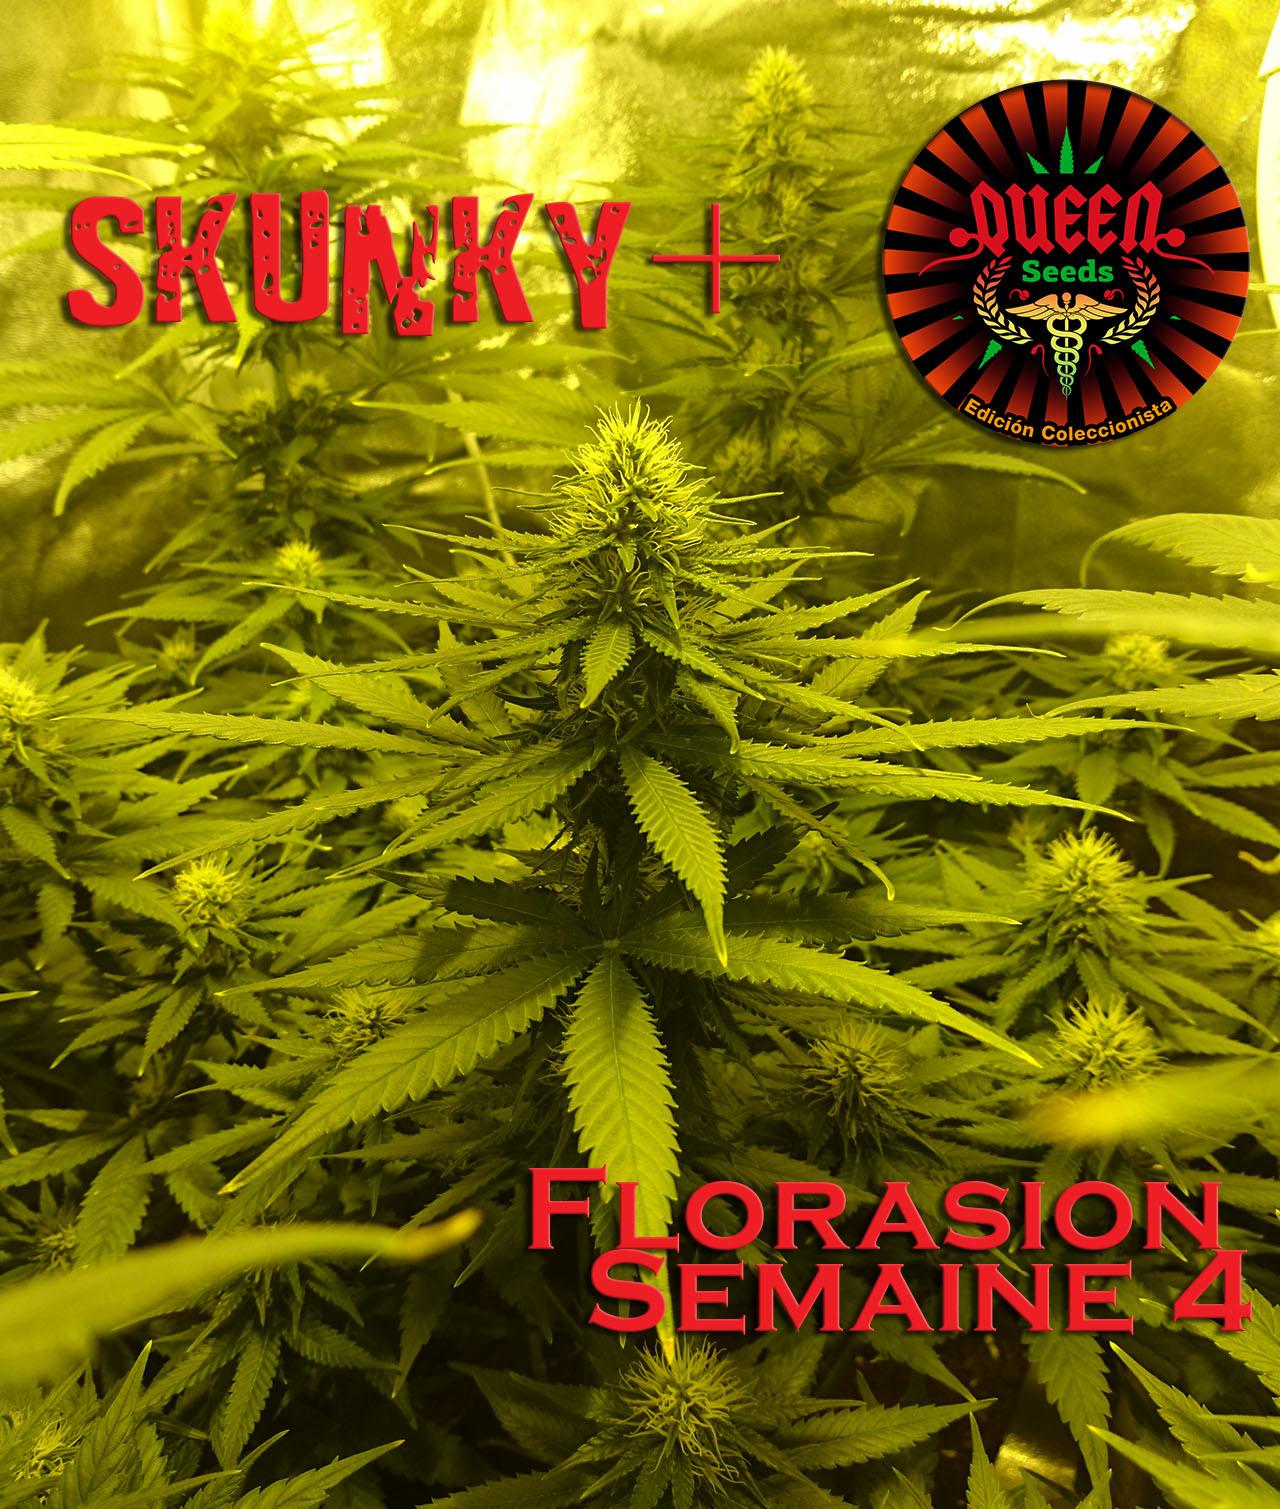 jour 30 flo skunky 4